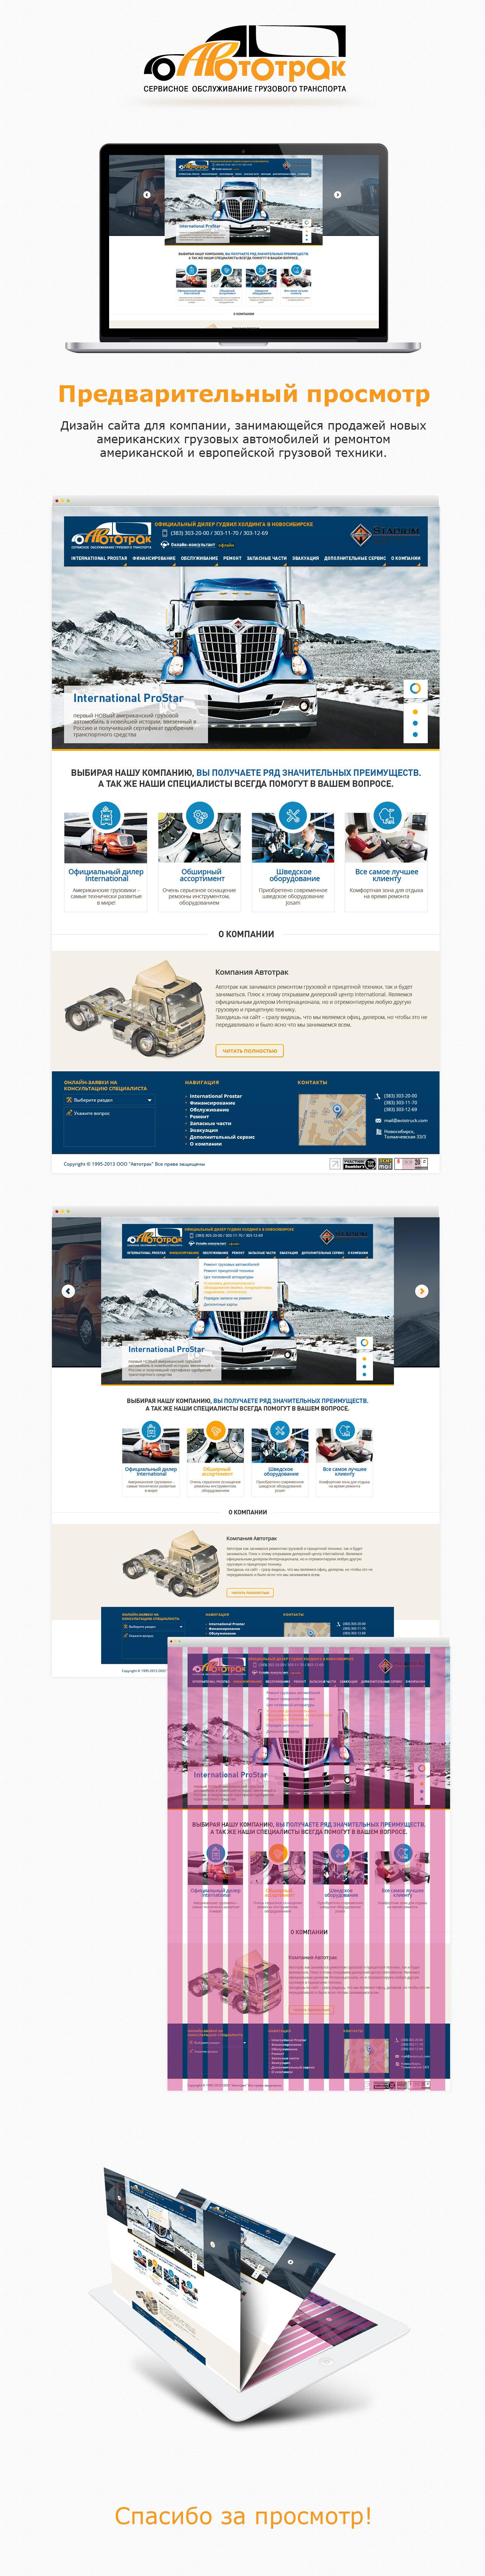 Разработать дизайн сайта автомобильной тематики фото f_5345270e76079d58.jpg